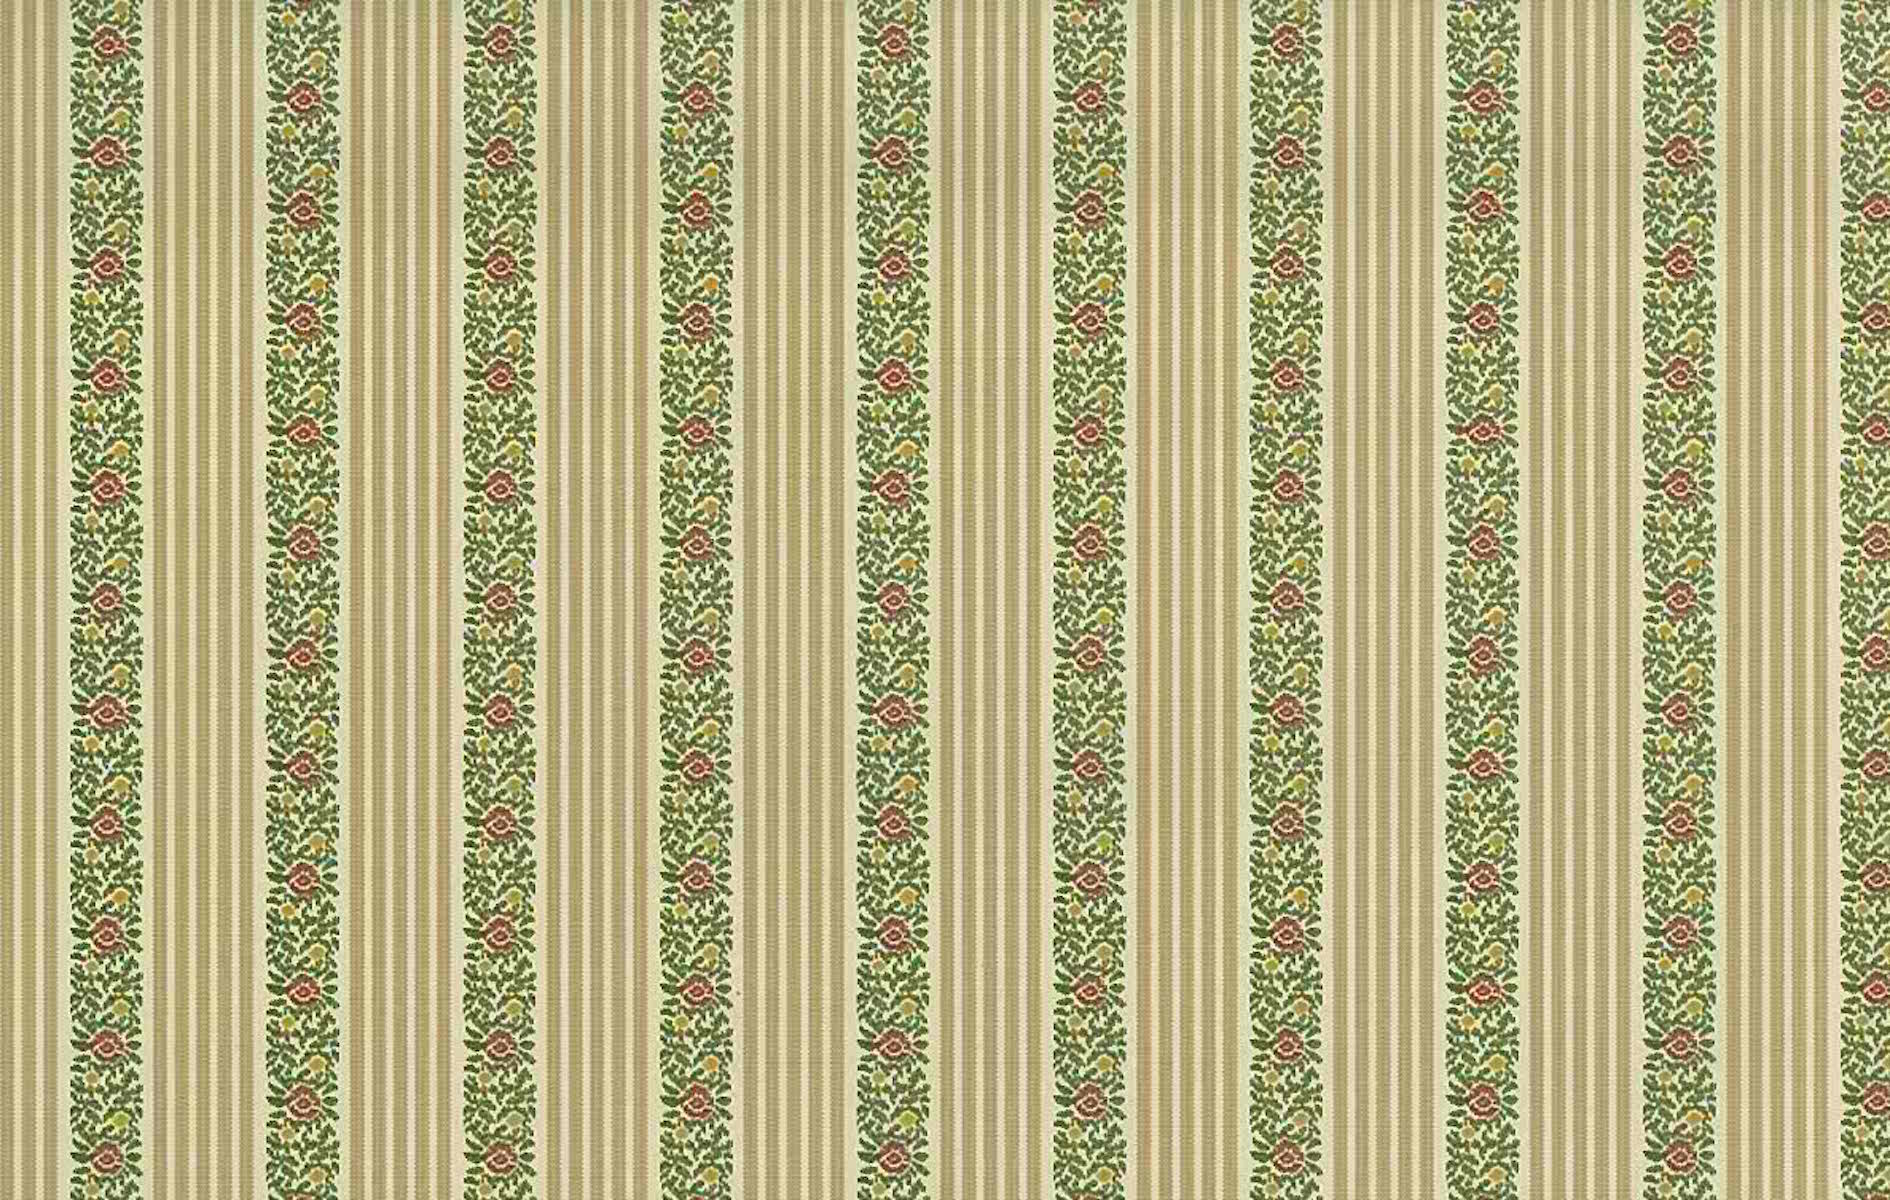 Striped Floral Vintage Wallpaper Beige Cream Green Jb0758 D Rs